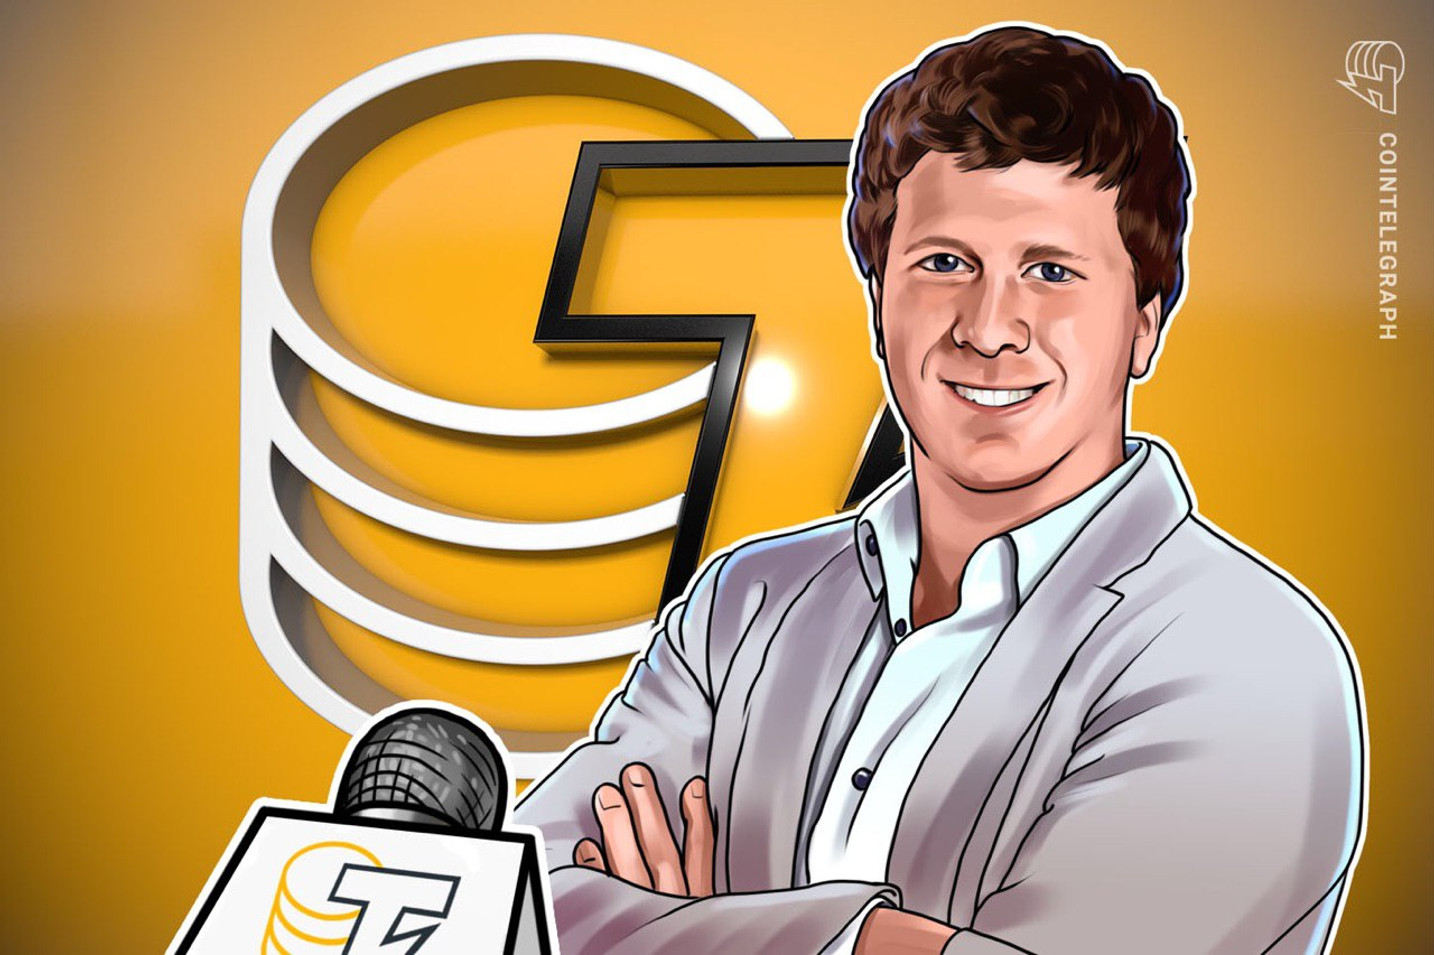 """Entrevista al COO de Koibanx: """"El éxito de las criptomonedas y de Blockchain se encuentran estrechamente vinculados"""""""